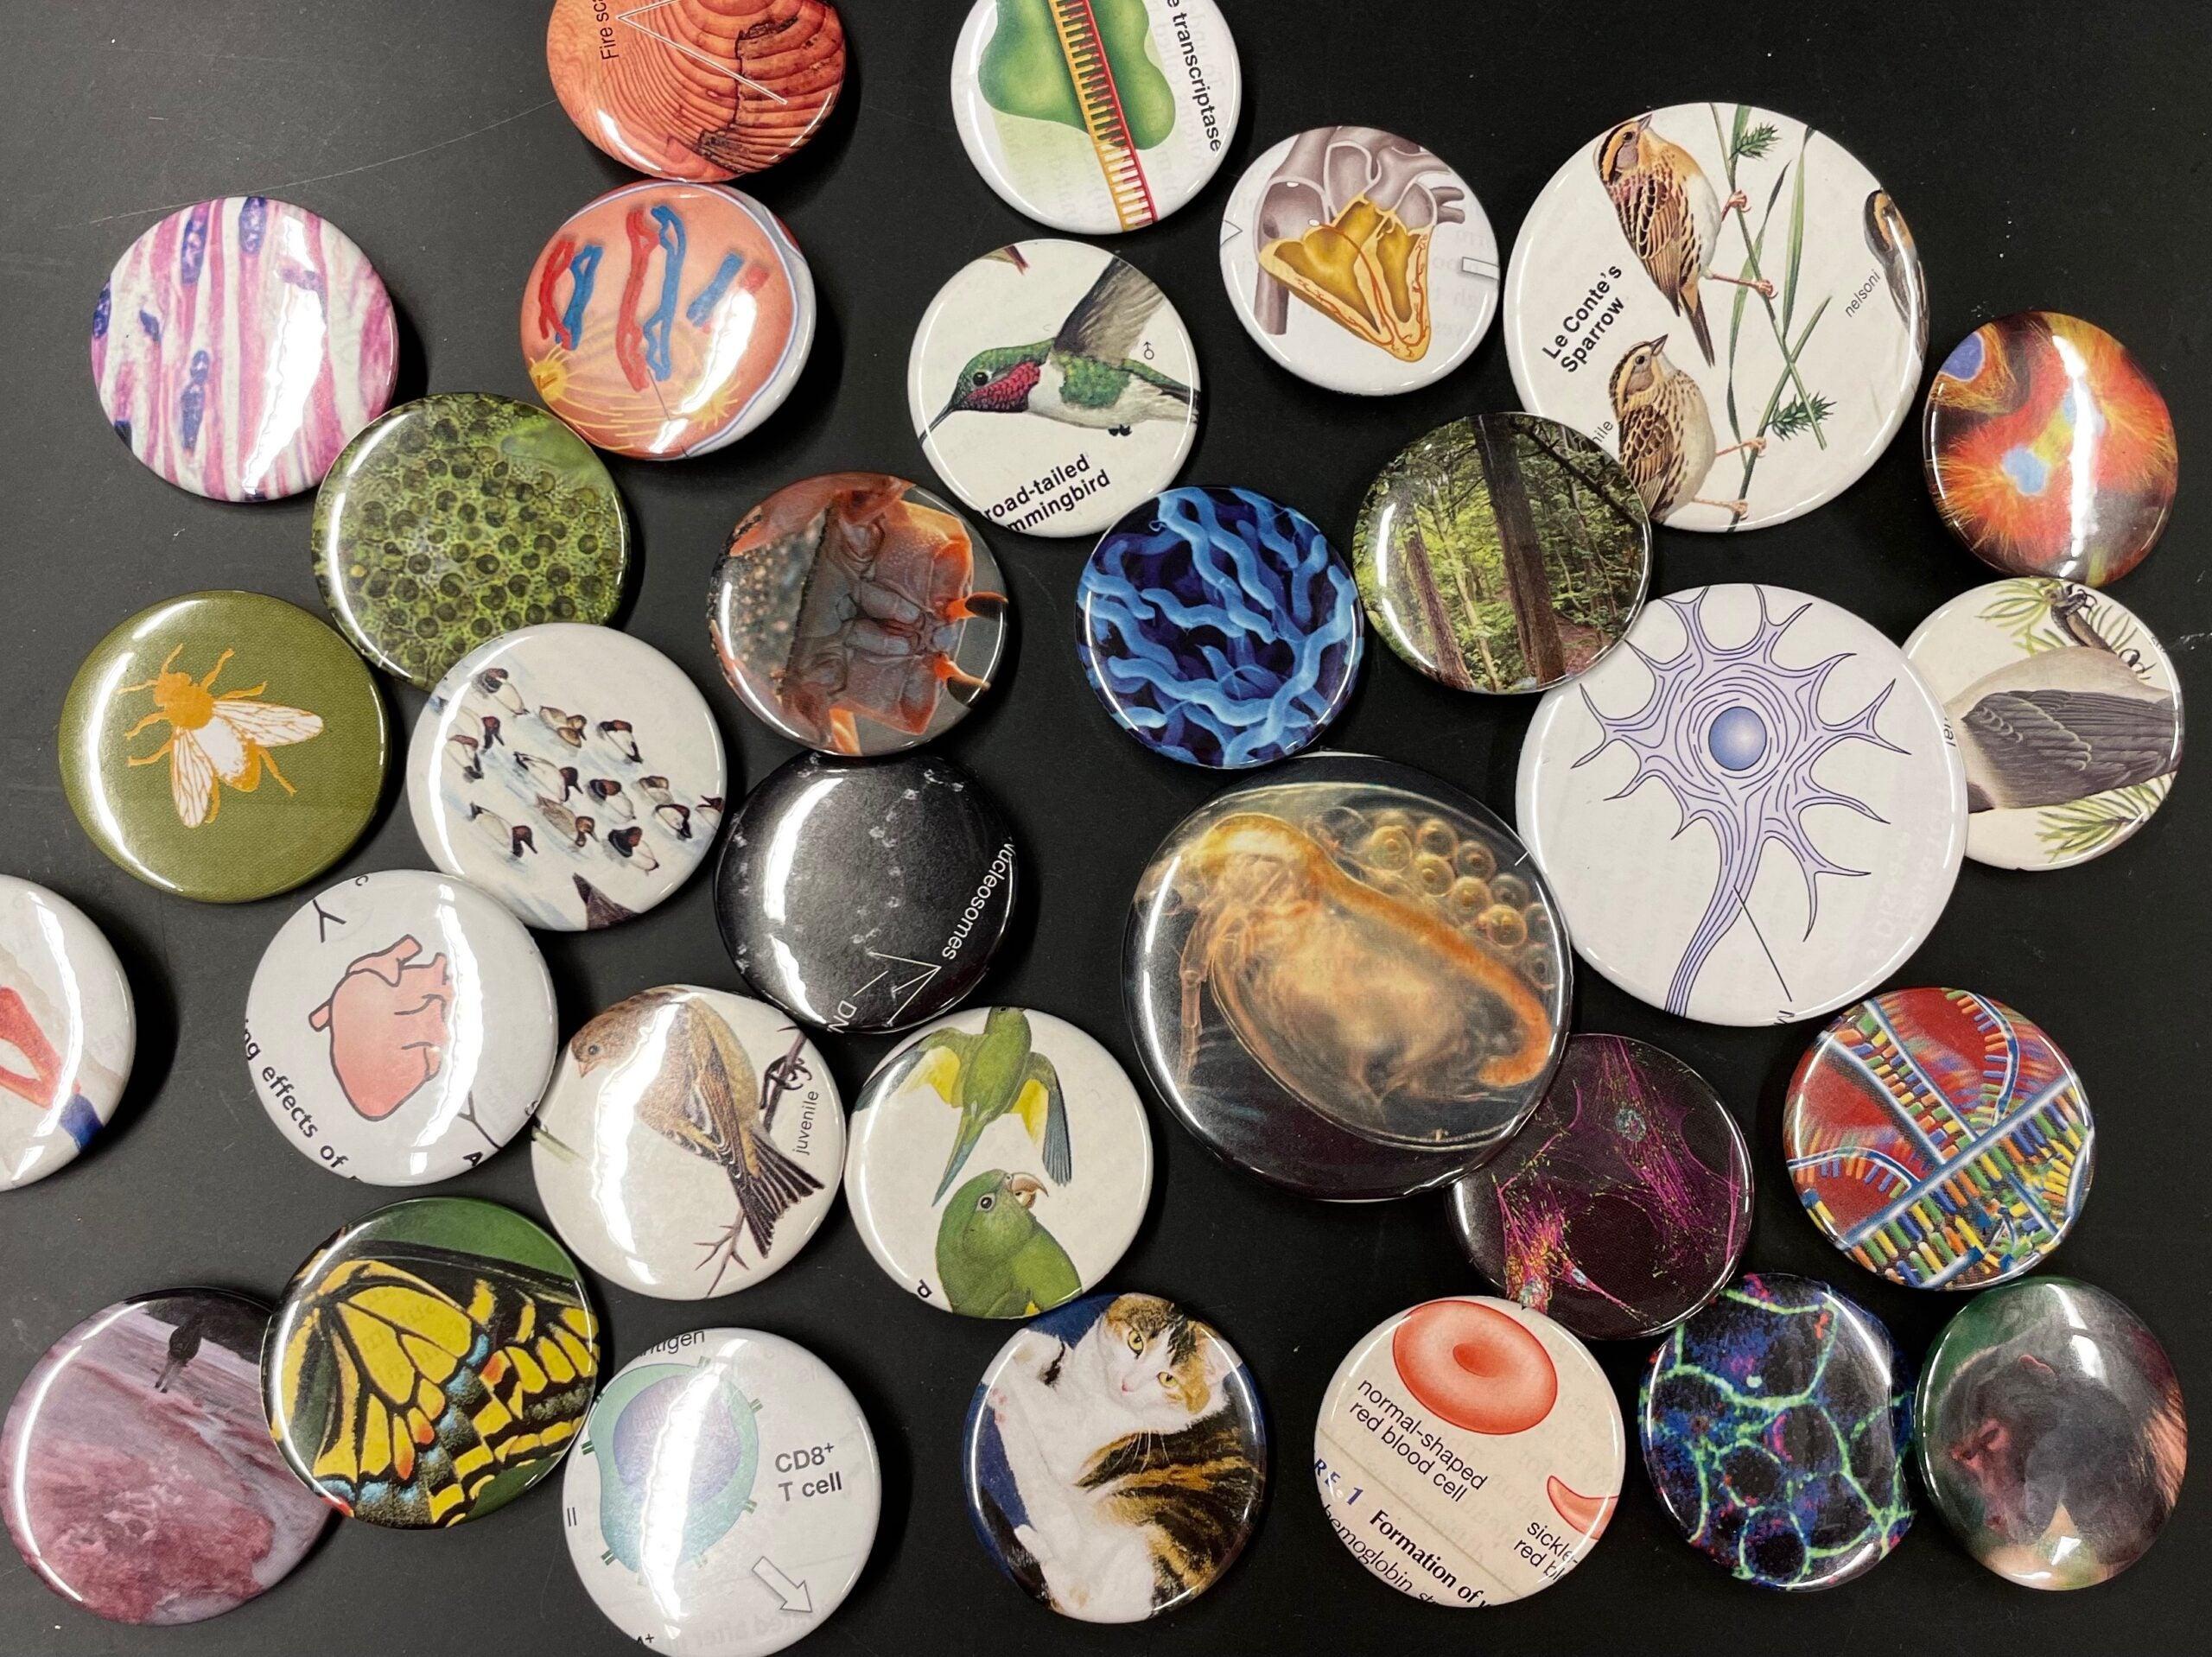 Biology buttons